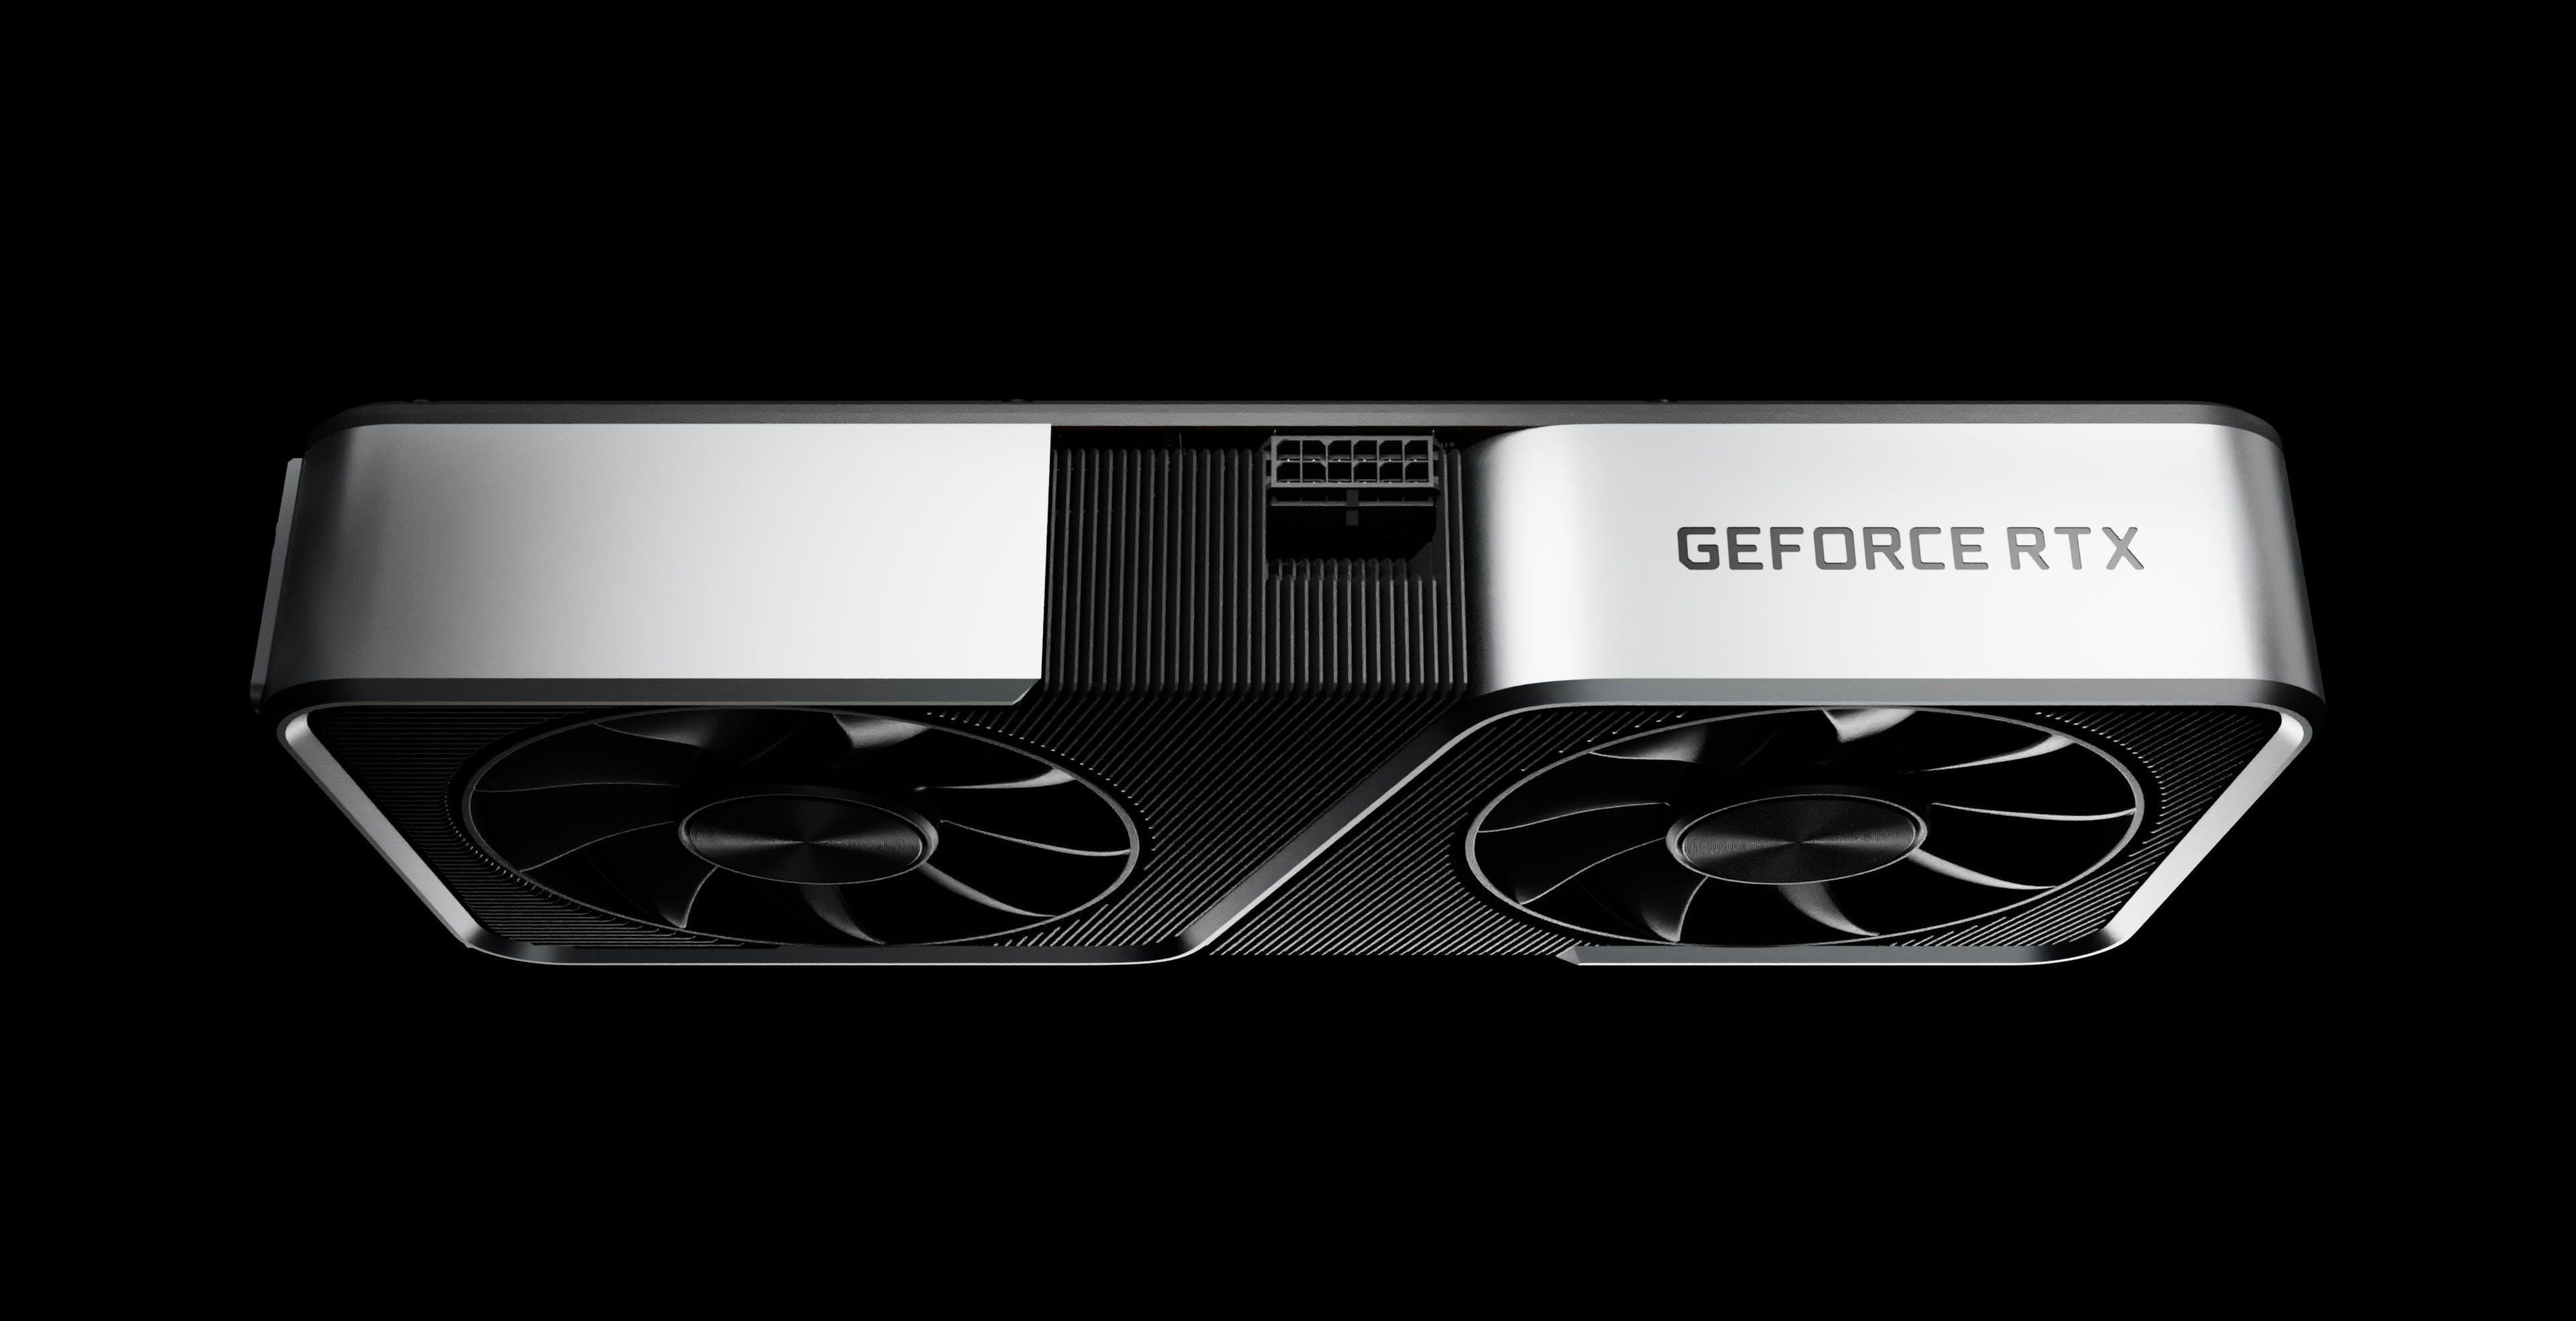 La RTX 3060 è solo l'inizio. Tutte le prossime schede Nvidia avranno limitazioni al mining di criptovalute?